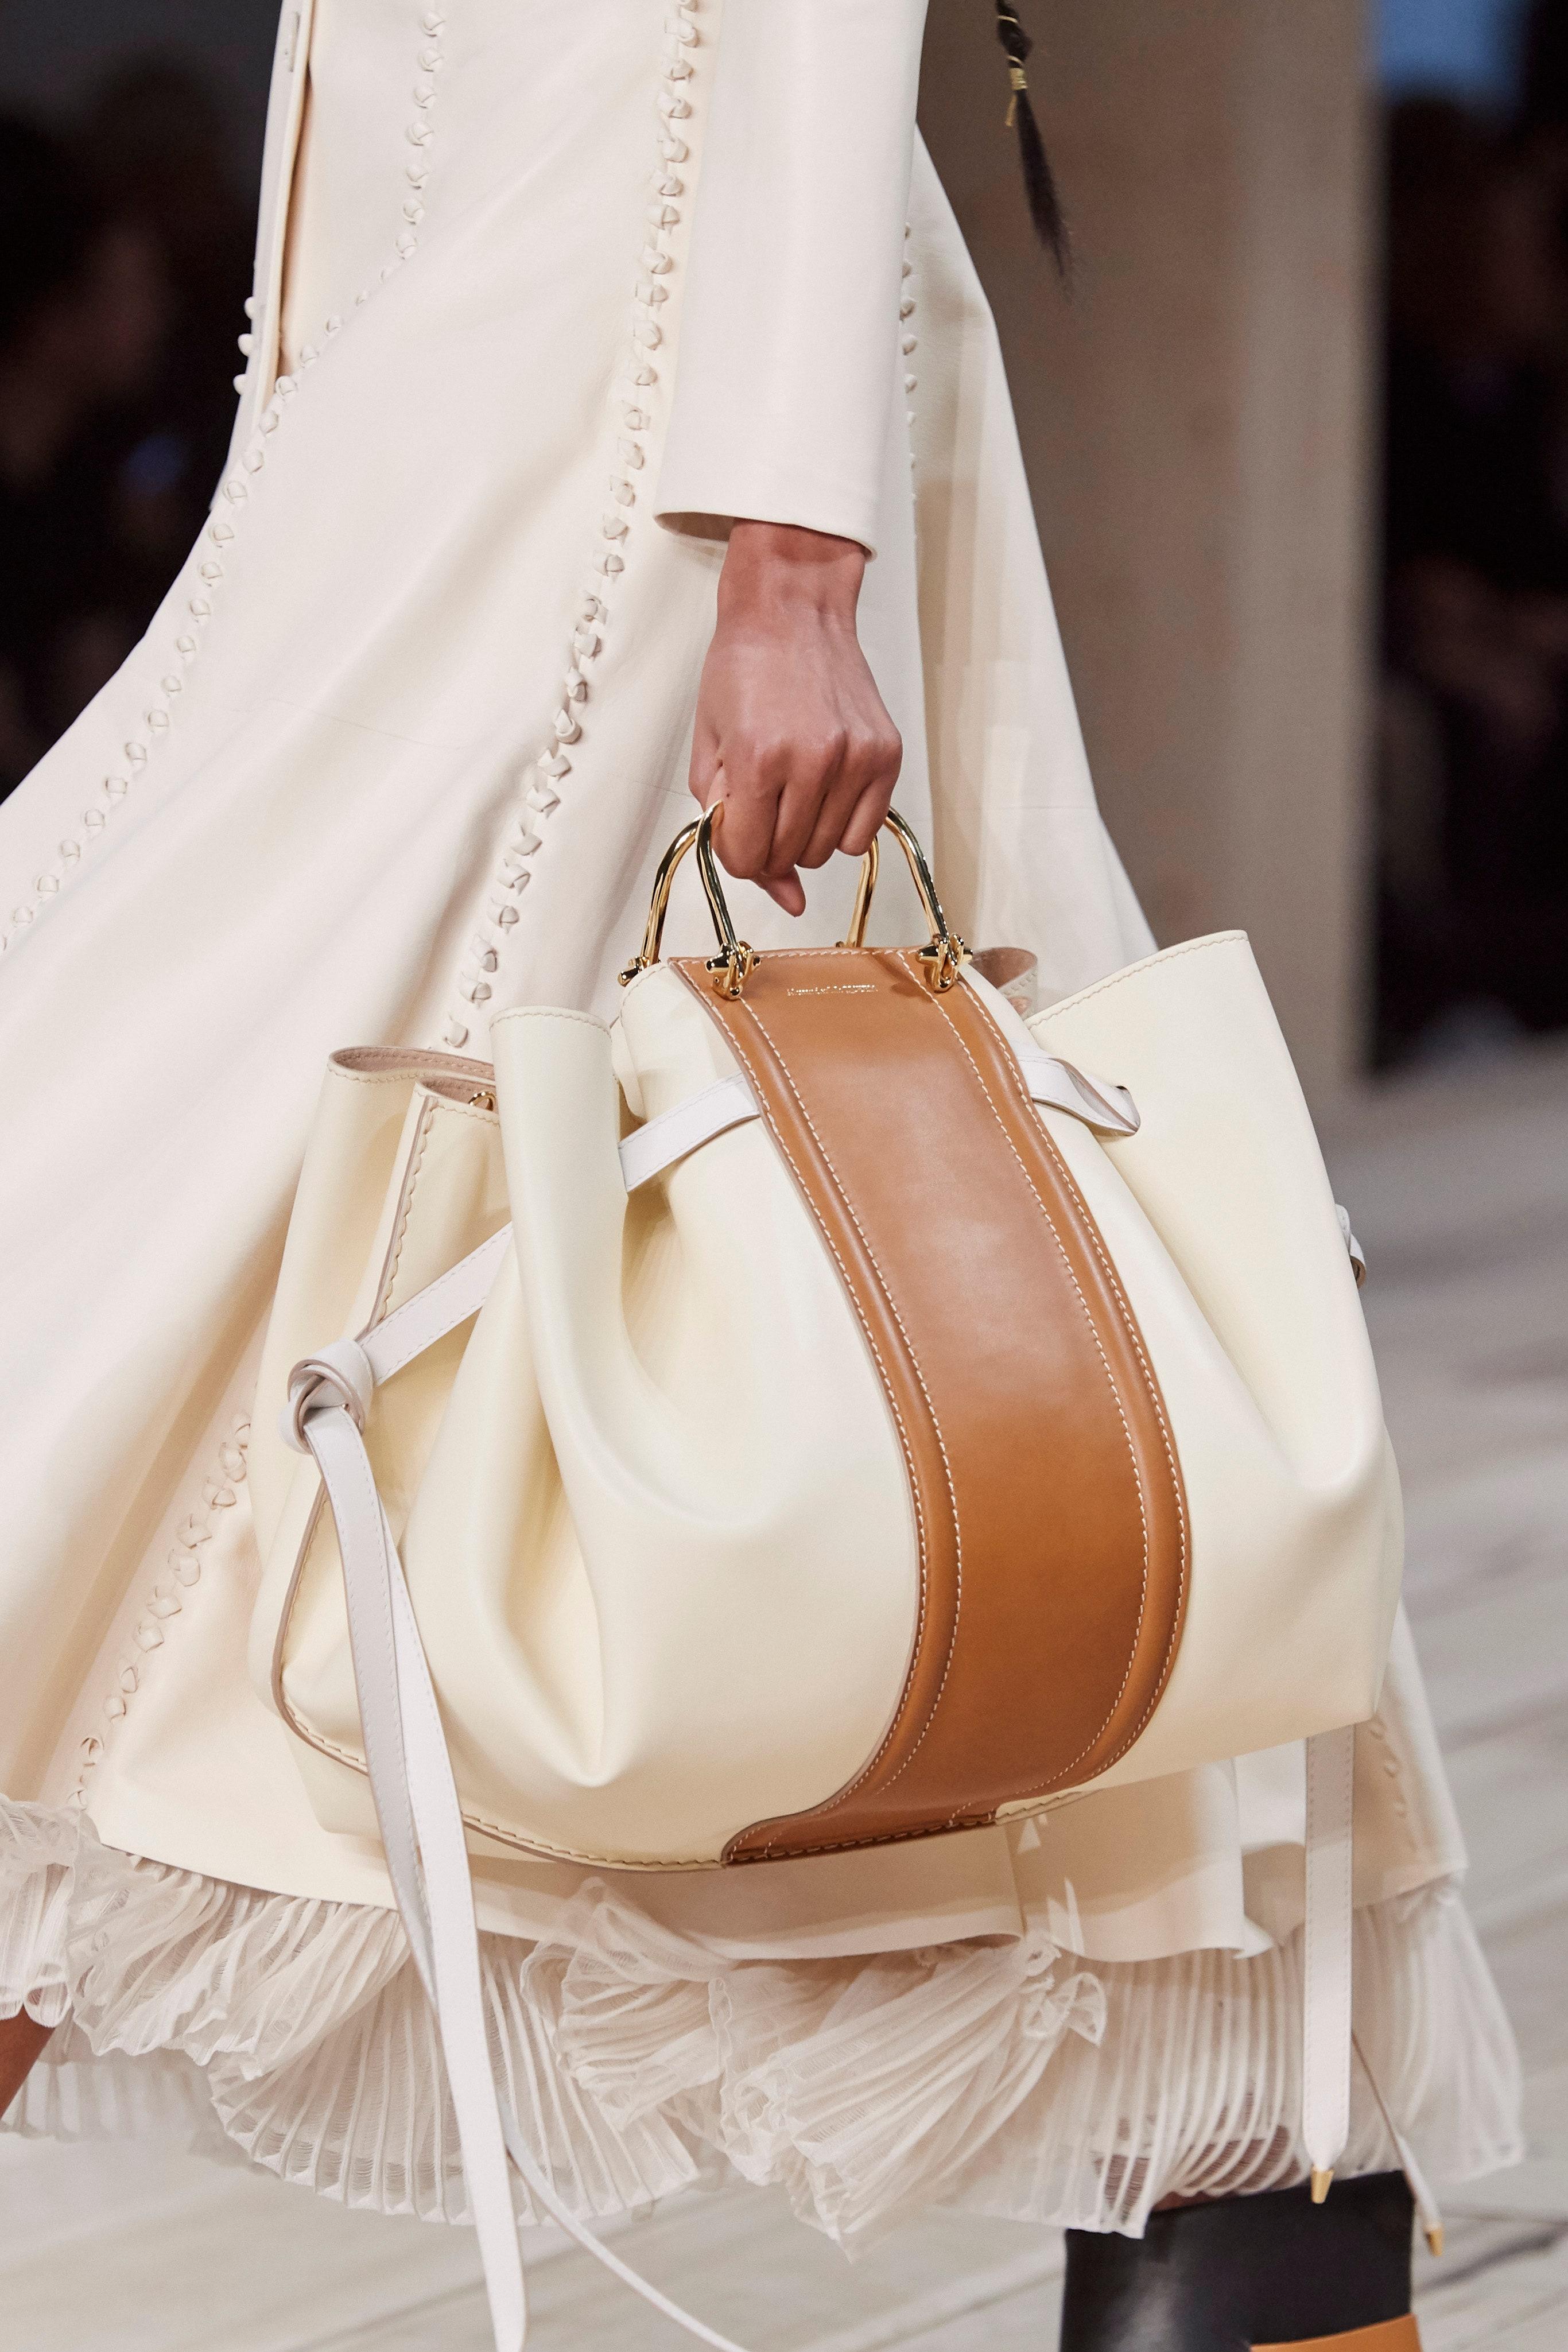 حقيبة مونوكروم بيج وكاميل من أليكساندر ماكوين Alexander McQueen